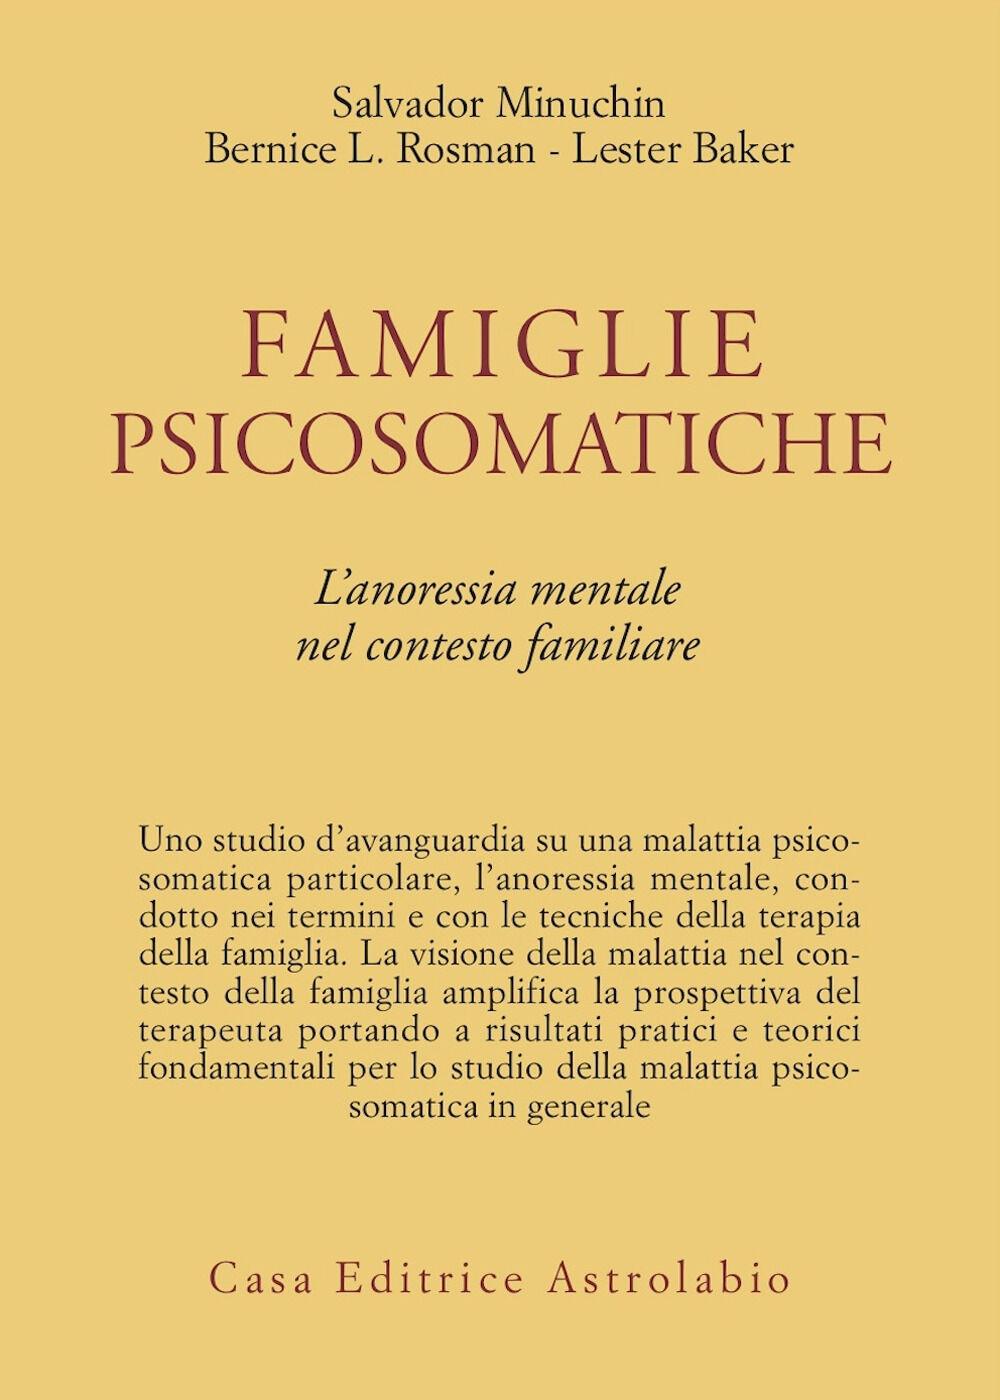 Famiglie psicosomatiche. L'anoressia mentale nel contesto familiare